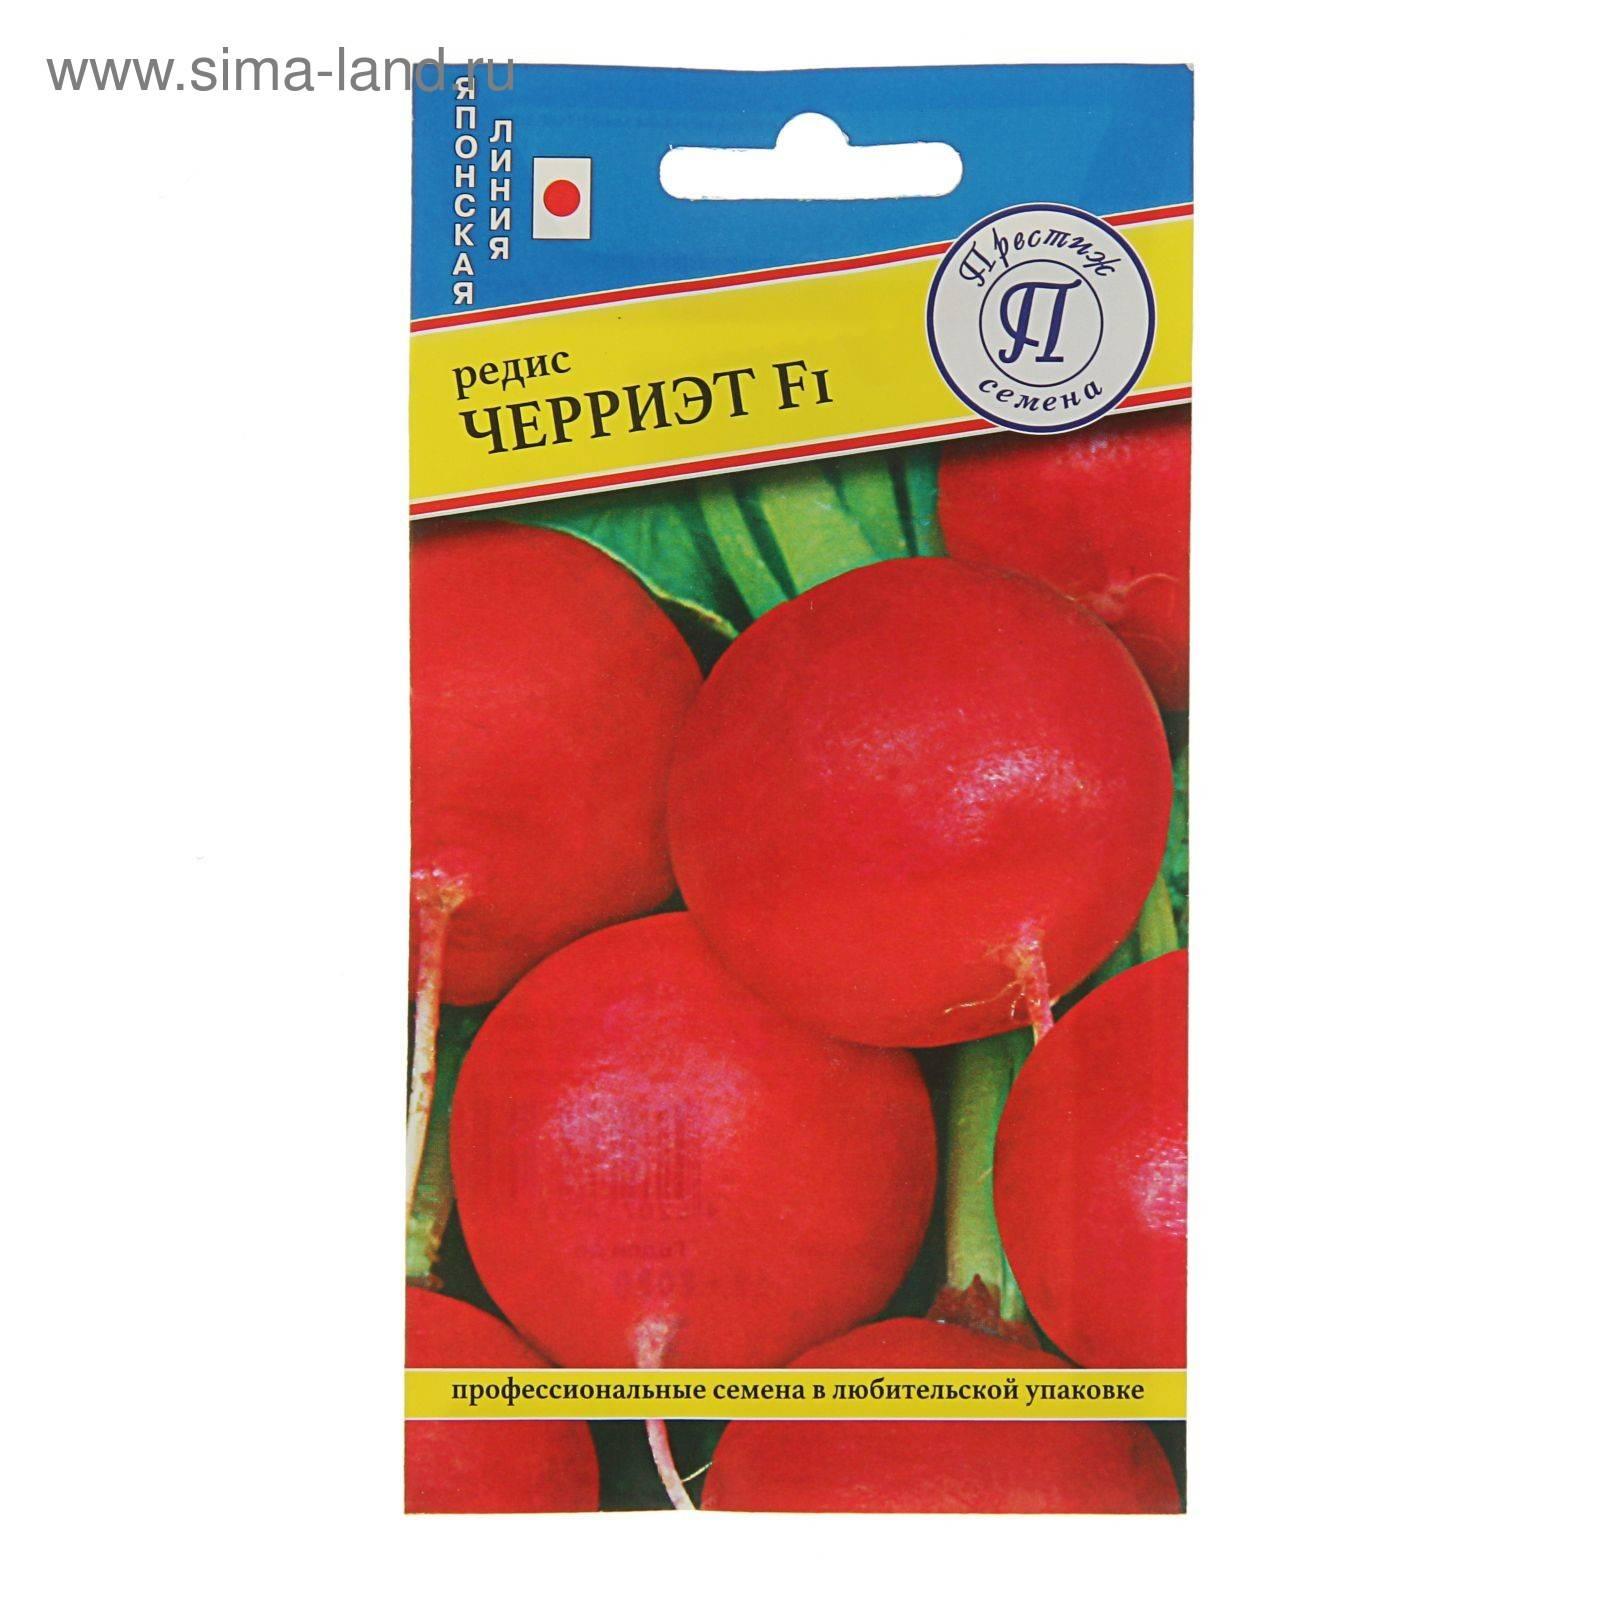 Сорт редиса черриэт f1 — описание и правила выращивания